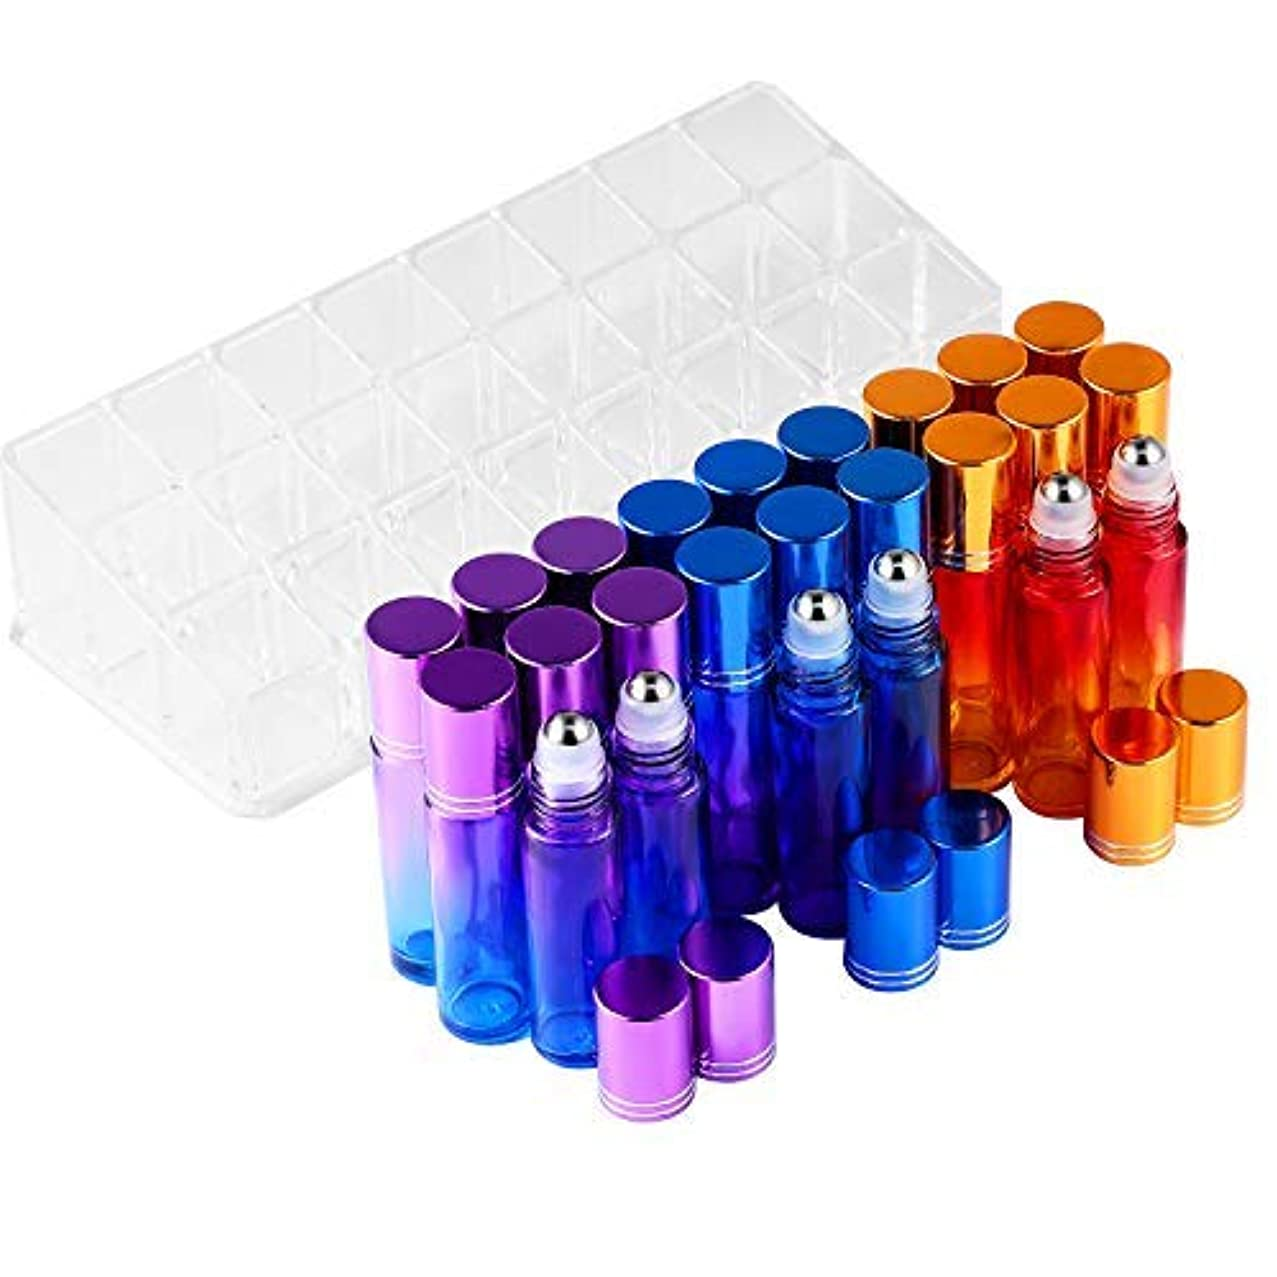 リーガン品種小切手Essential Oil Roller Bottles - BEATTYCARE 10ml Refillable Glass Roller Bottle for Essential Oils 24 Pack With...